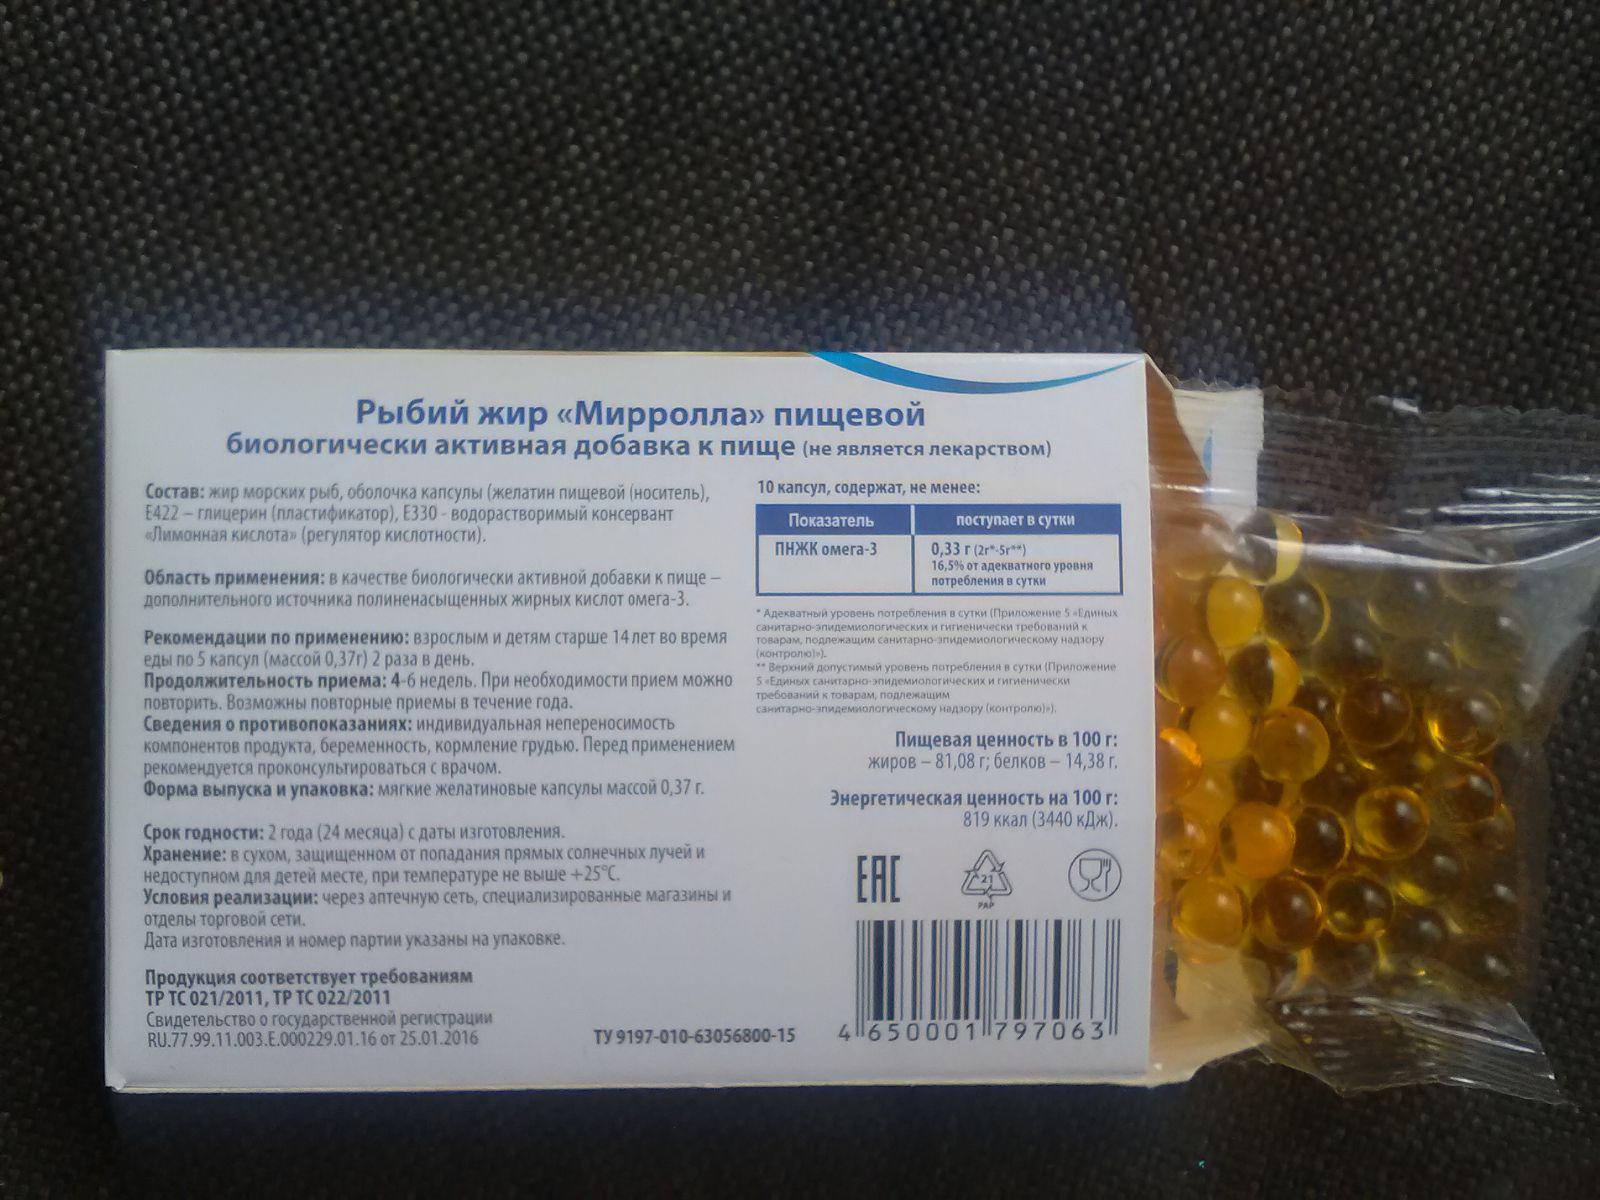 Рыбий жир в капсулах: польза и вред, инструкция как принимать взрослым, детям